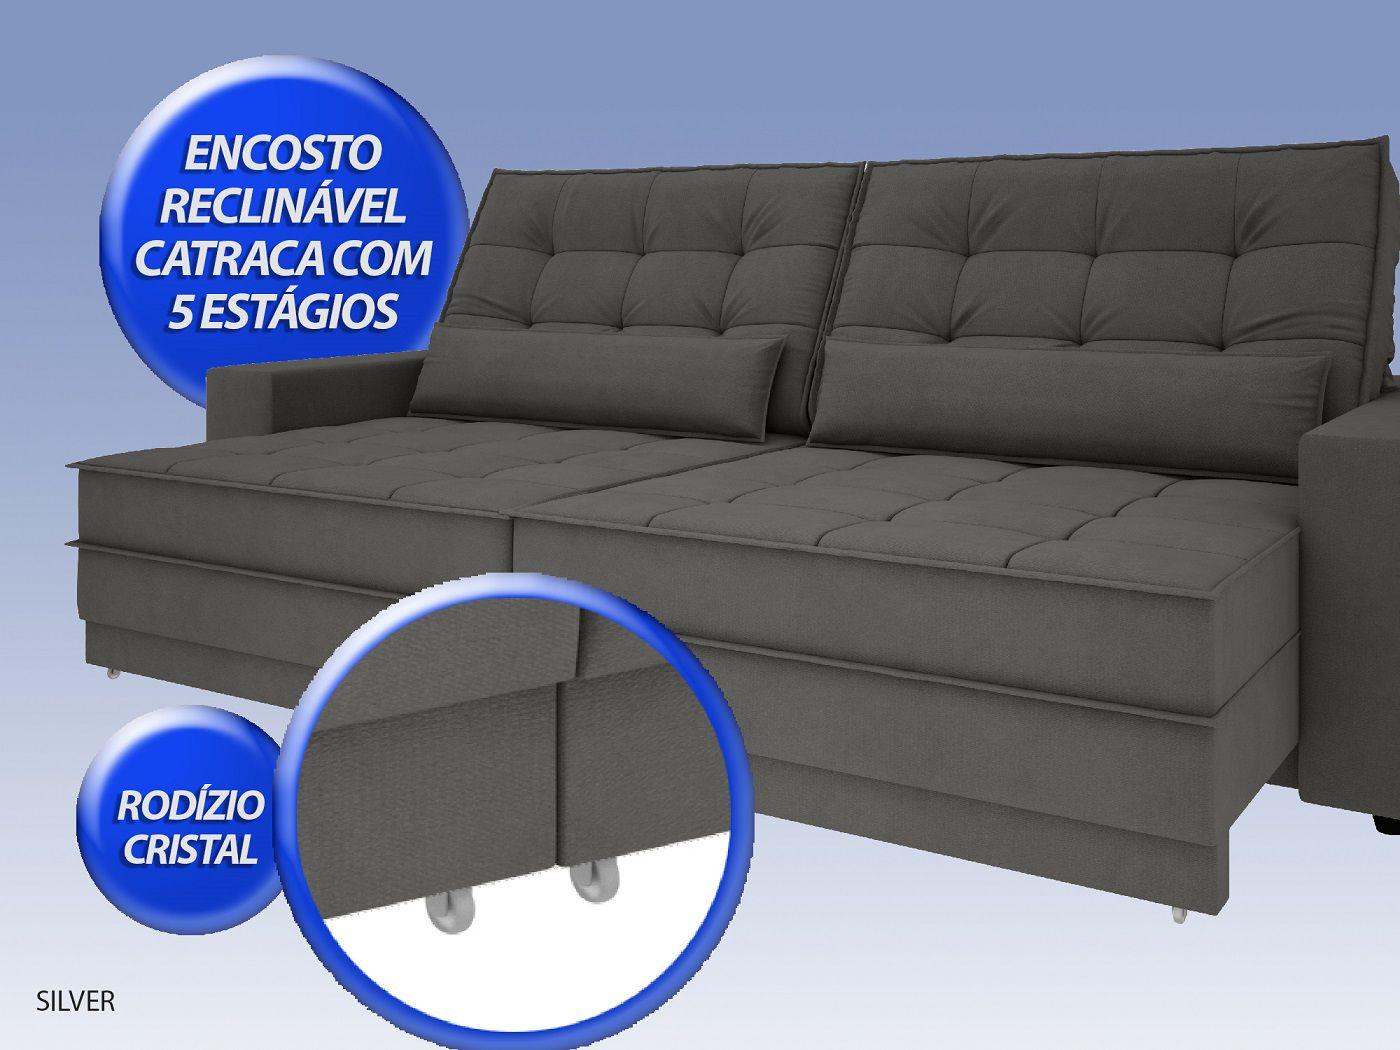 Sofá Silver 2,40m Retrátil e Reclinável Velosuede Cinza - NETSOFAS  - NETSOFÁS